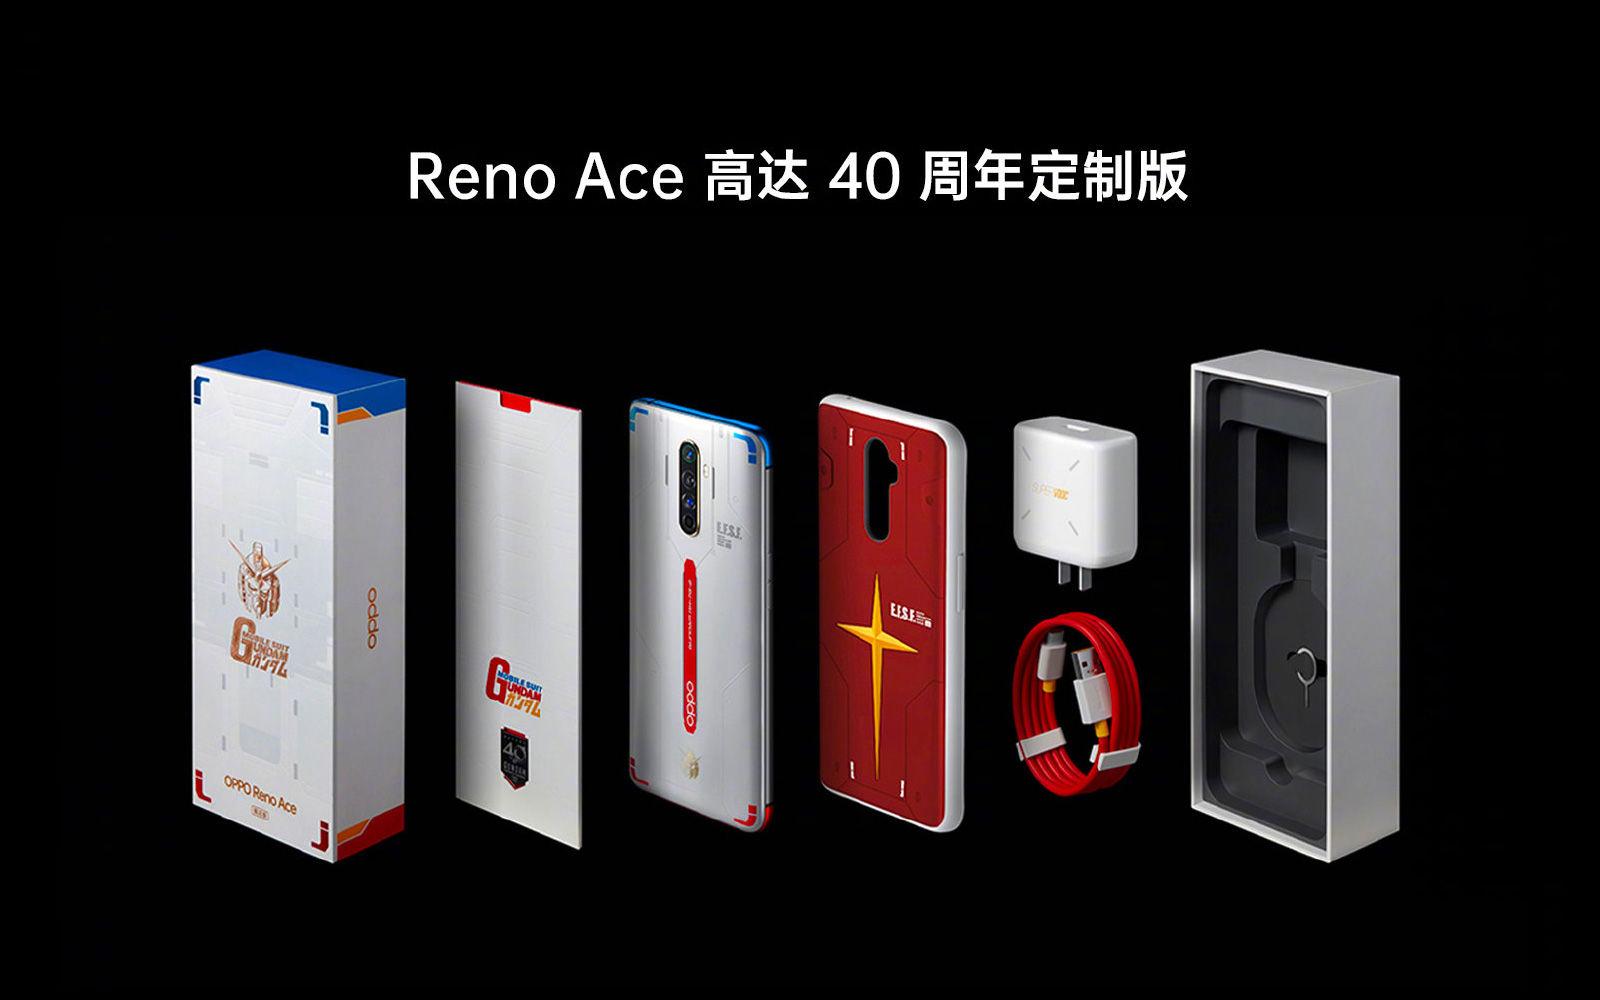 Oppo Reno Ace incarcare rapida